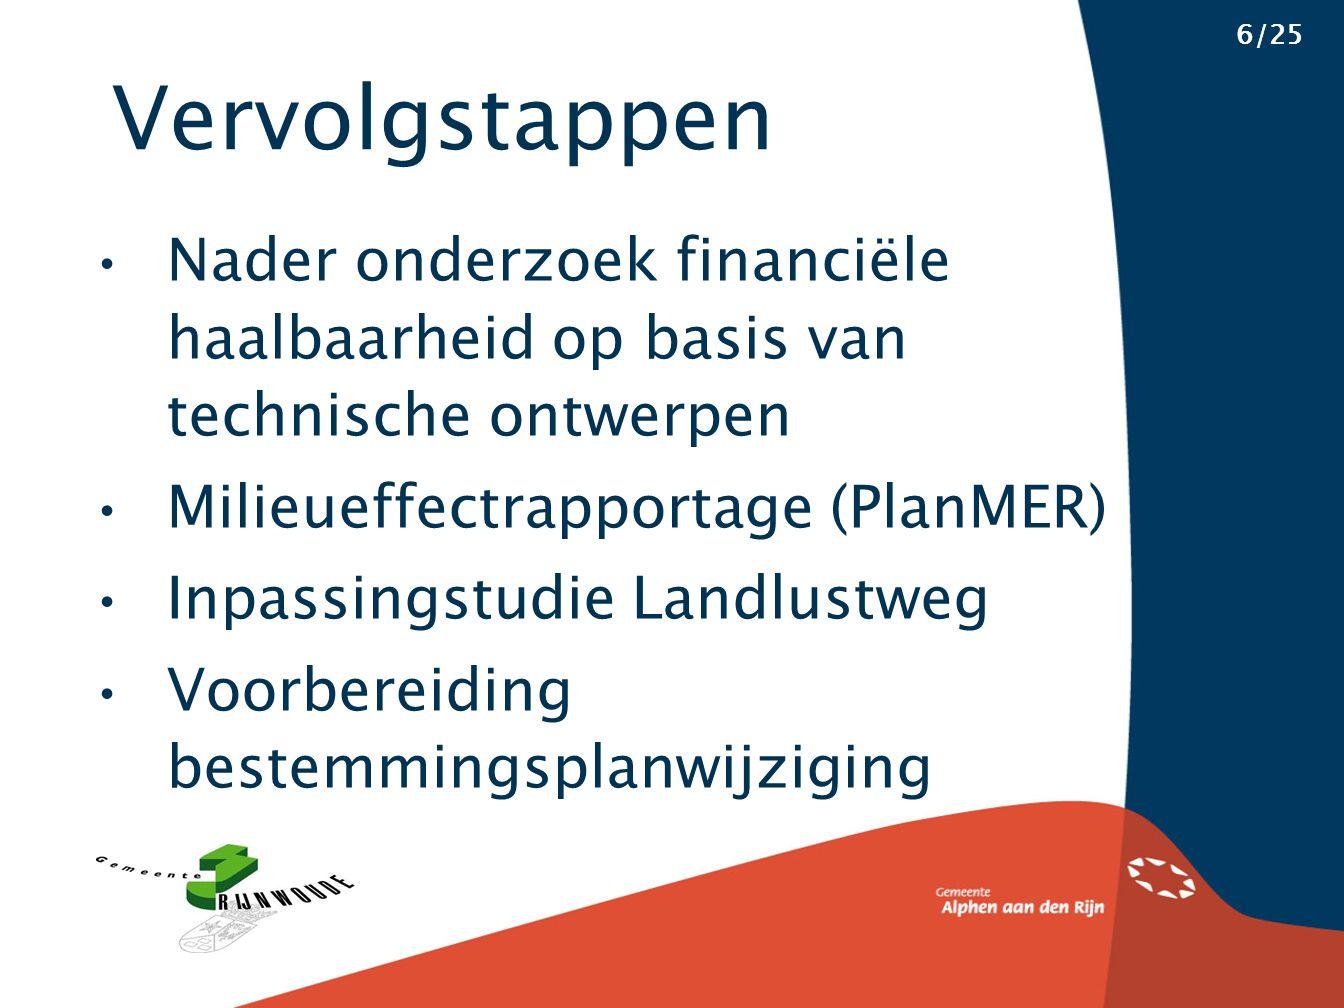 Vervolgstappen 6/25 Nader onderzoek financiële haalbaarheid op basis van technische ontwerpen Milieueffectrapportage (PlanMER) Inpassingstudie Landlustweg Voorbereiding bestemmingsplanwijziging